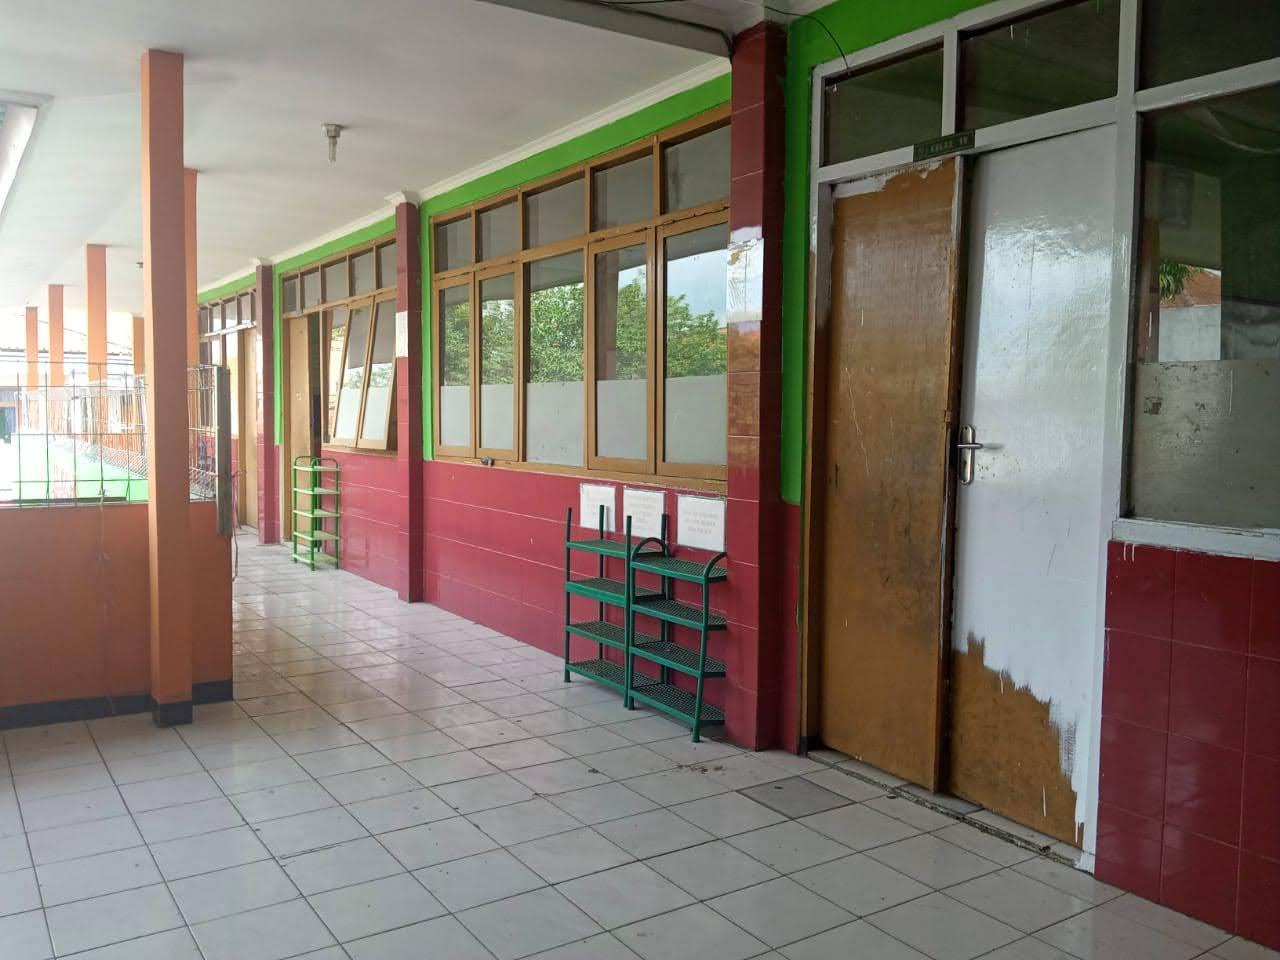 Foto Ruang Kelas di Lantai 2